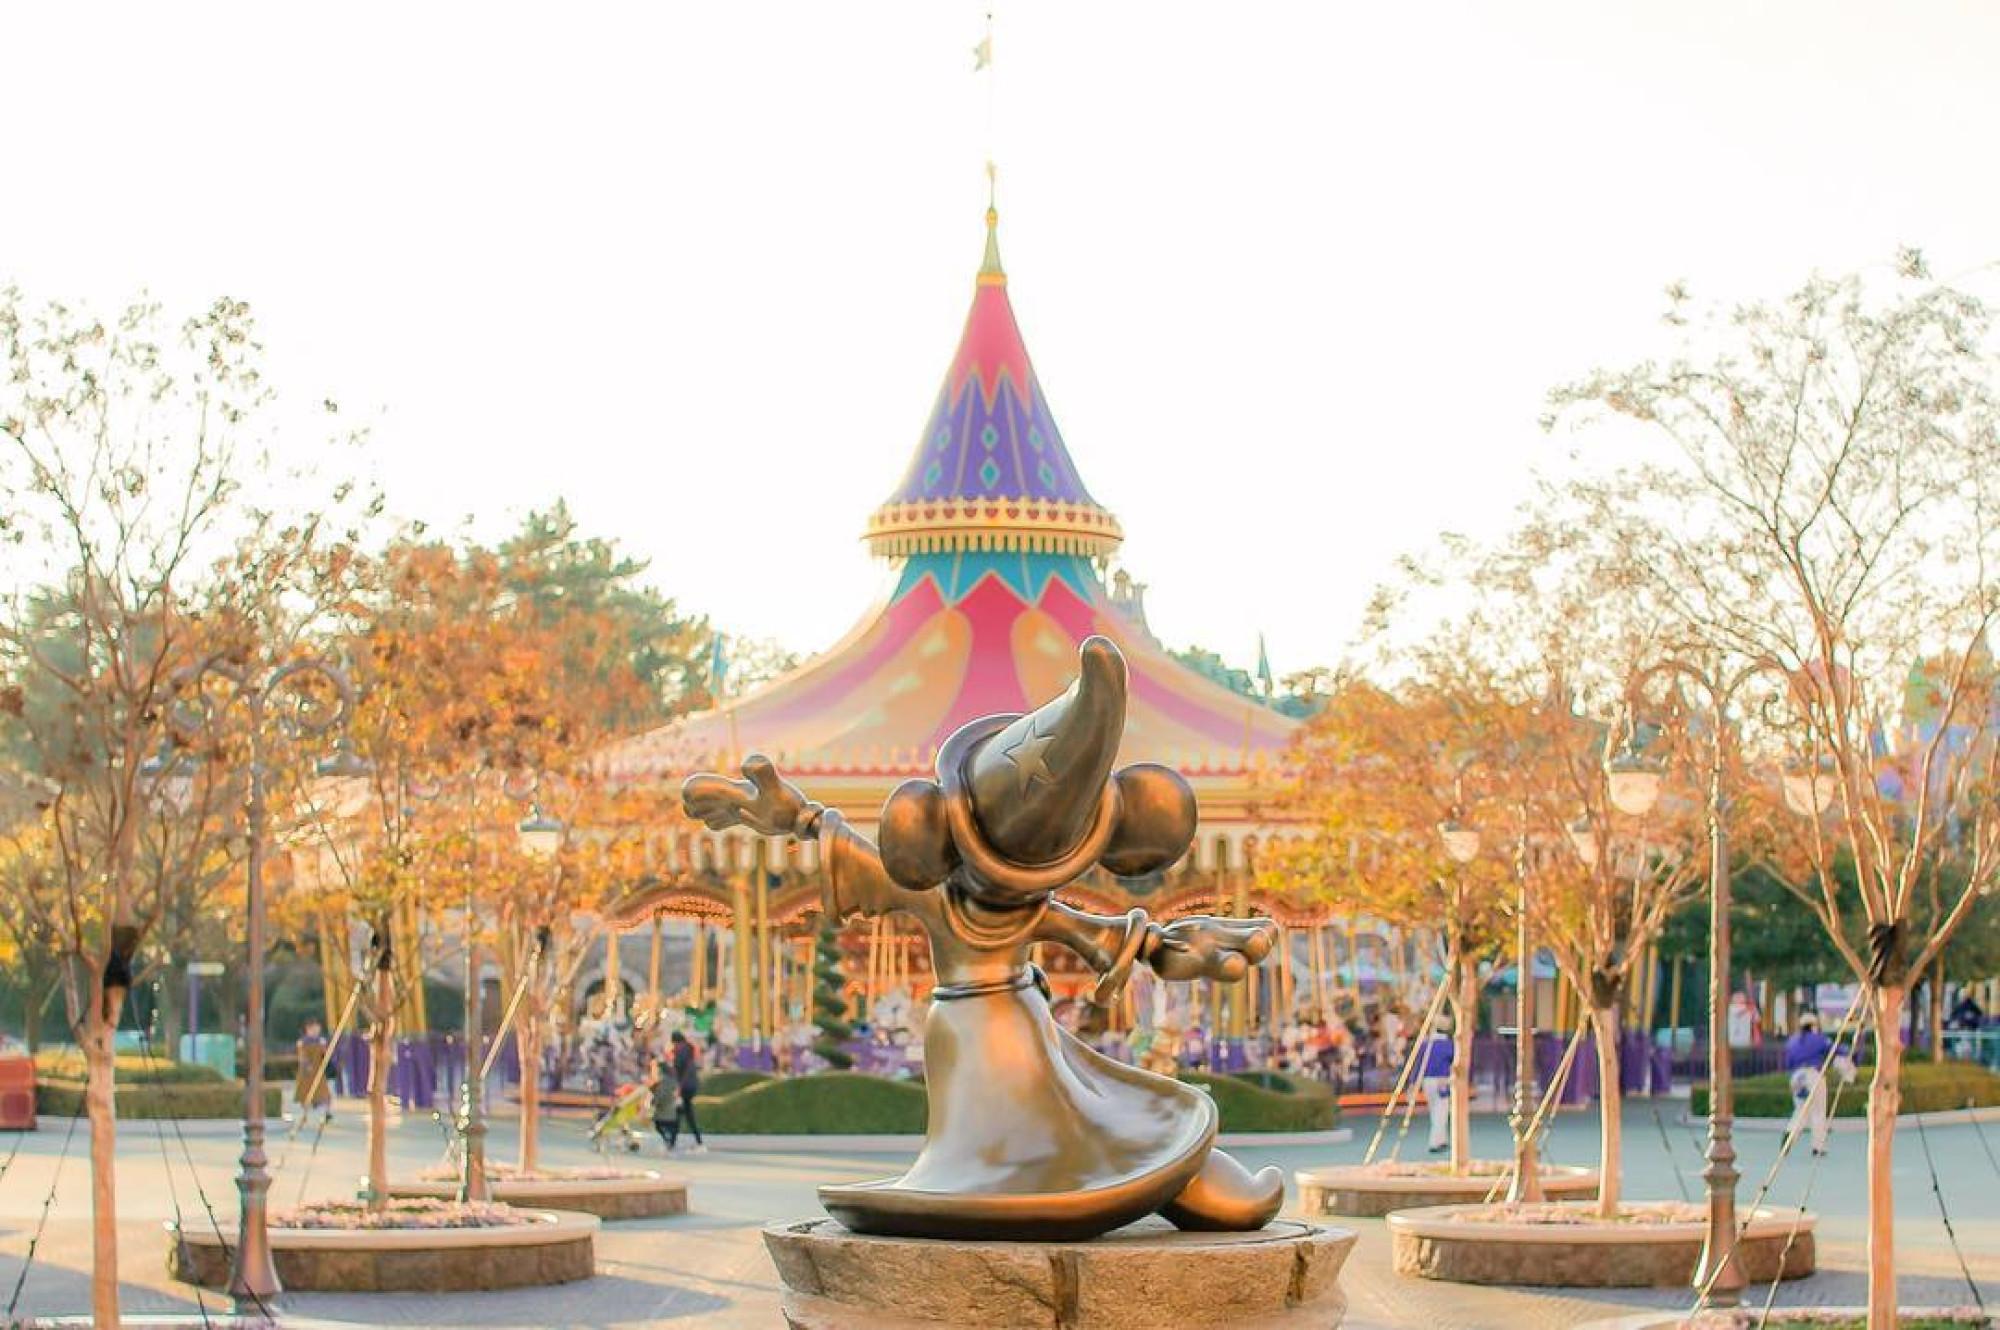 ディズニーランドのミッキー像